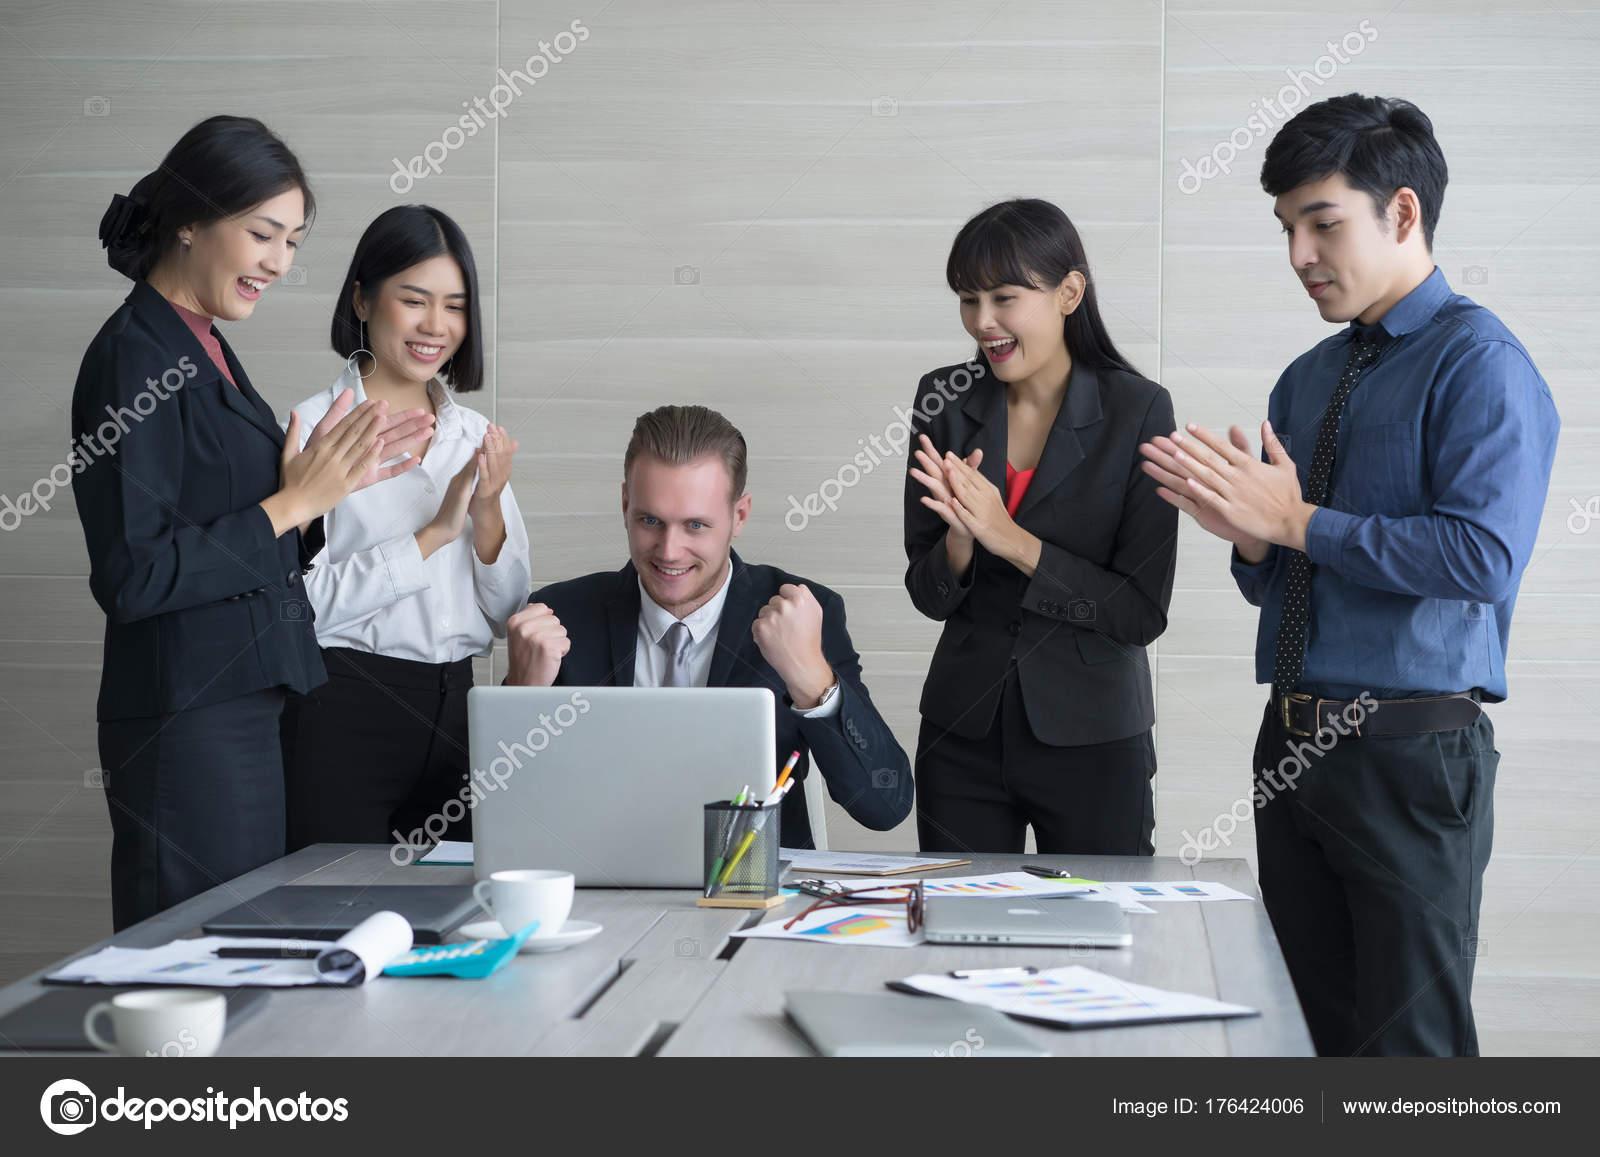 Портрет группы веселый успешный бизнес улыбается смотрит камеру.